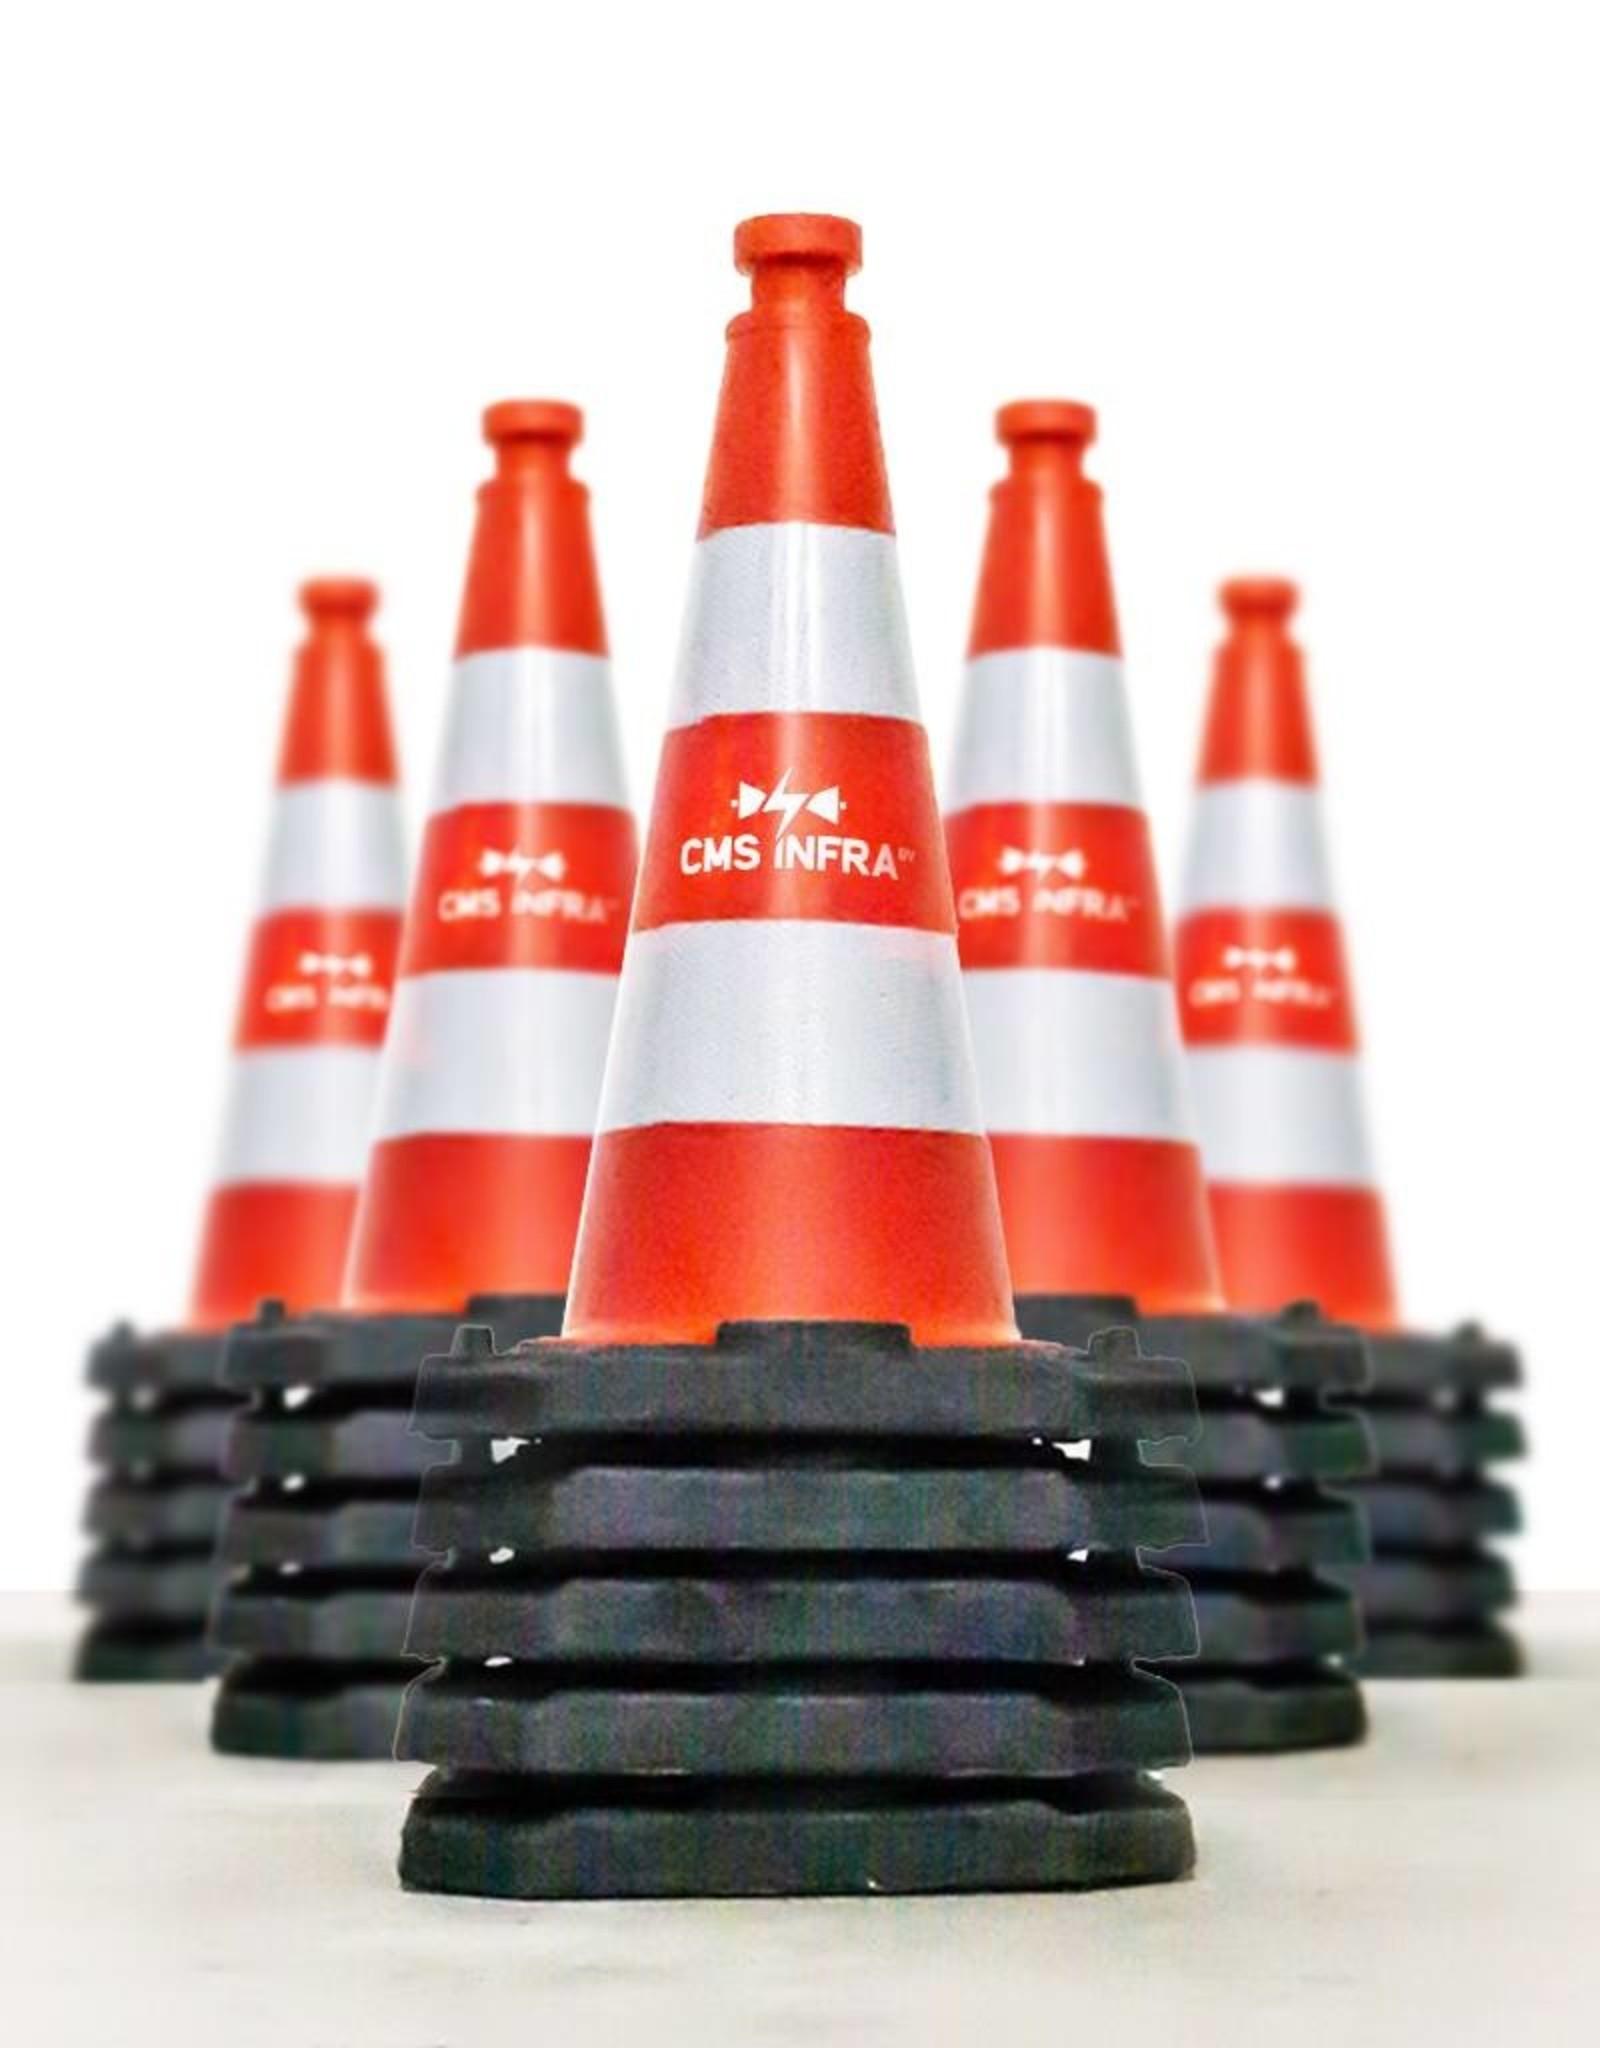 Verkeerswinkel.nl | Verkeerskegel 50cm, Reflecterend Folie, Klasse 2 + Bedrijfslogo, 25 Stuks Actieprijs